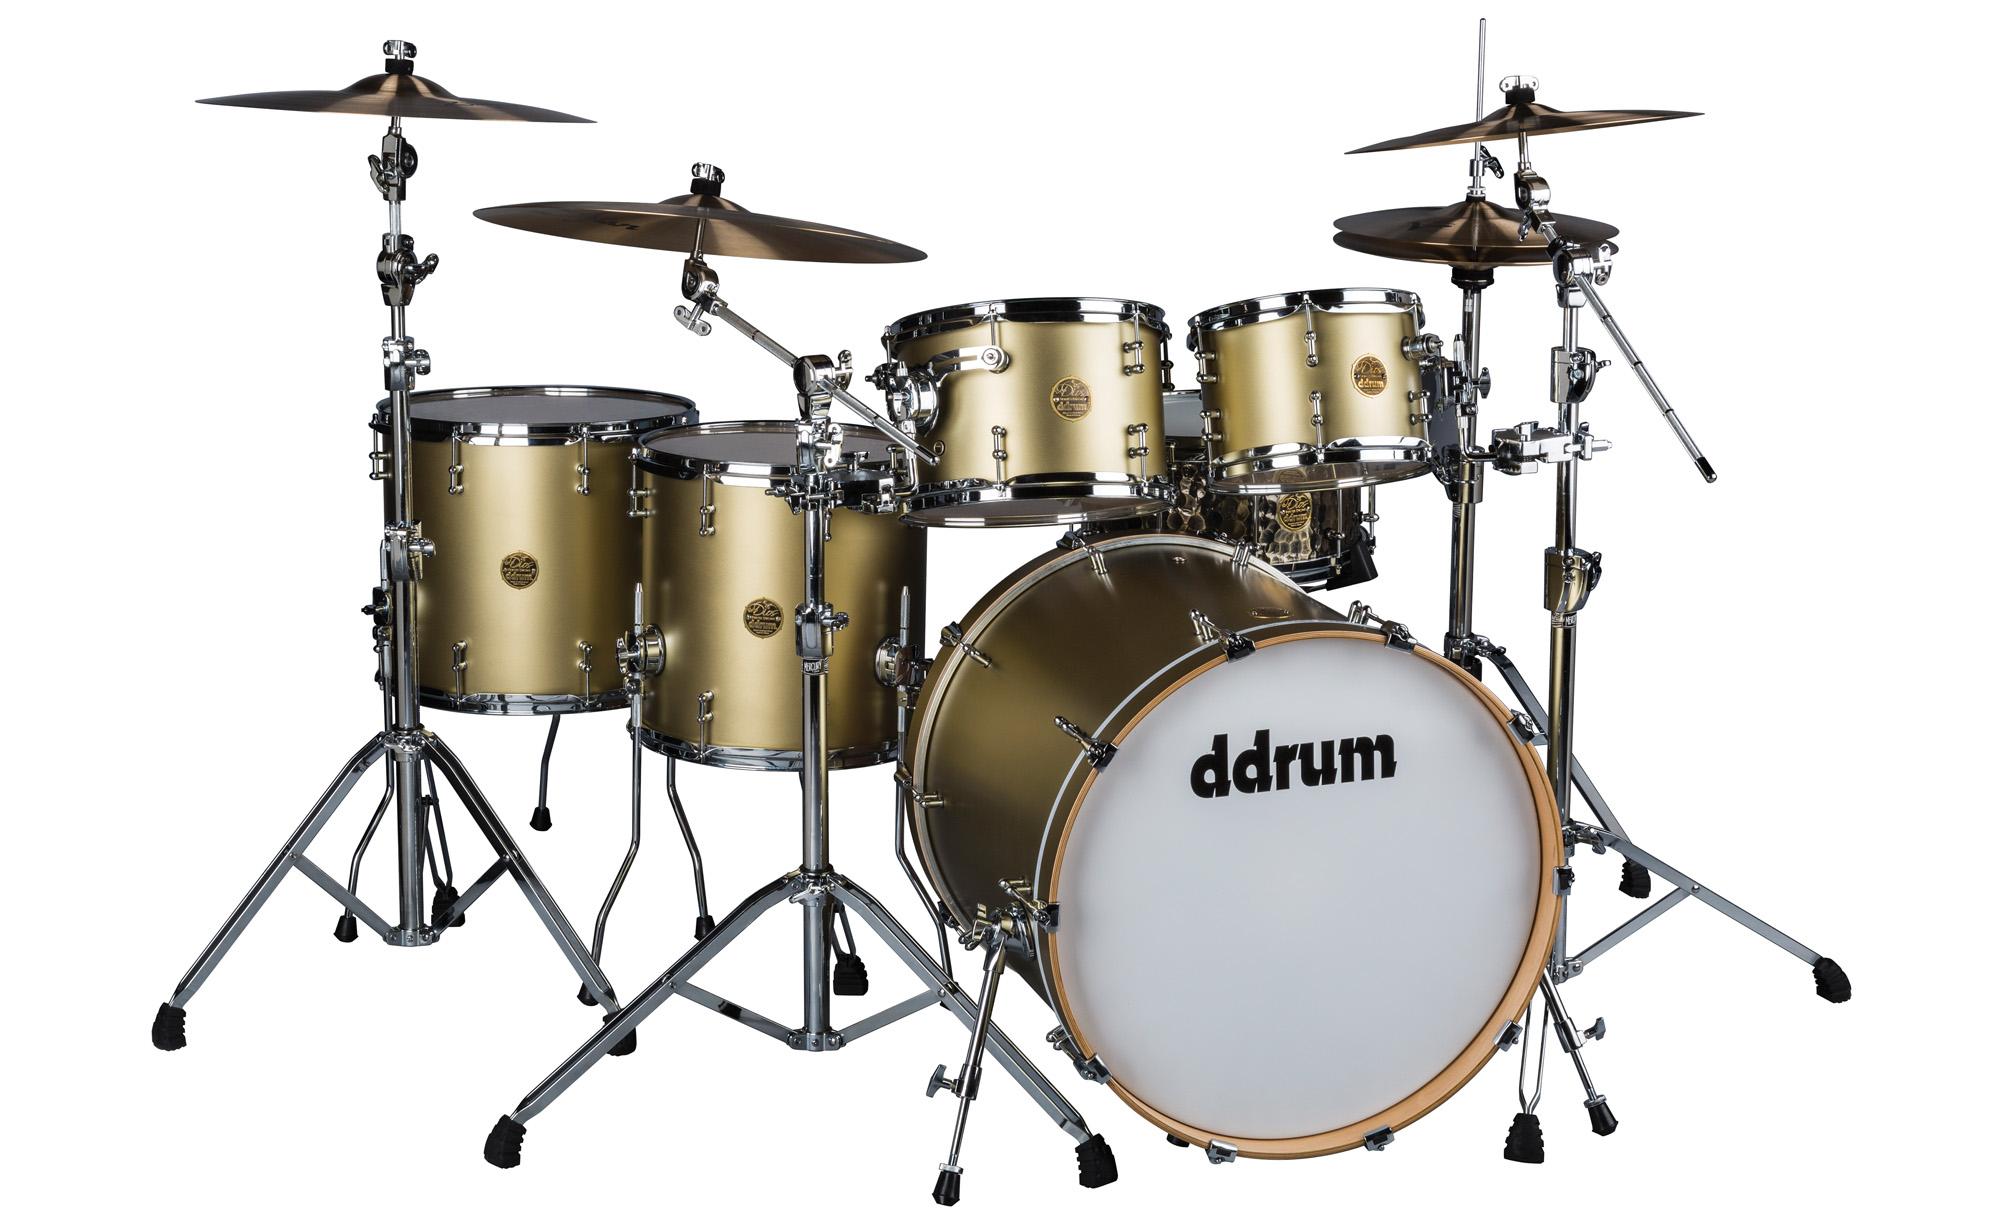 7916dbef34f8 Ddrum - Dios Maple Series Drumset - Modern Drummer Magazine